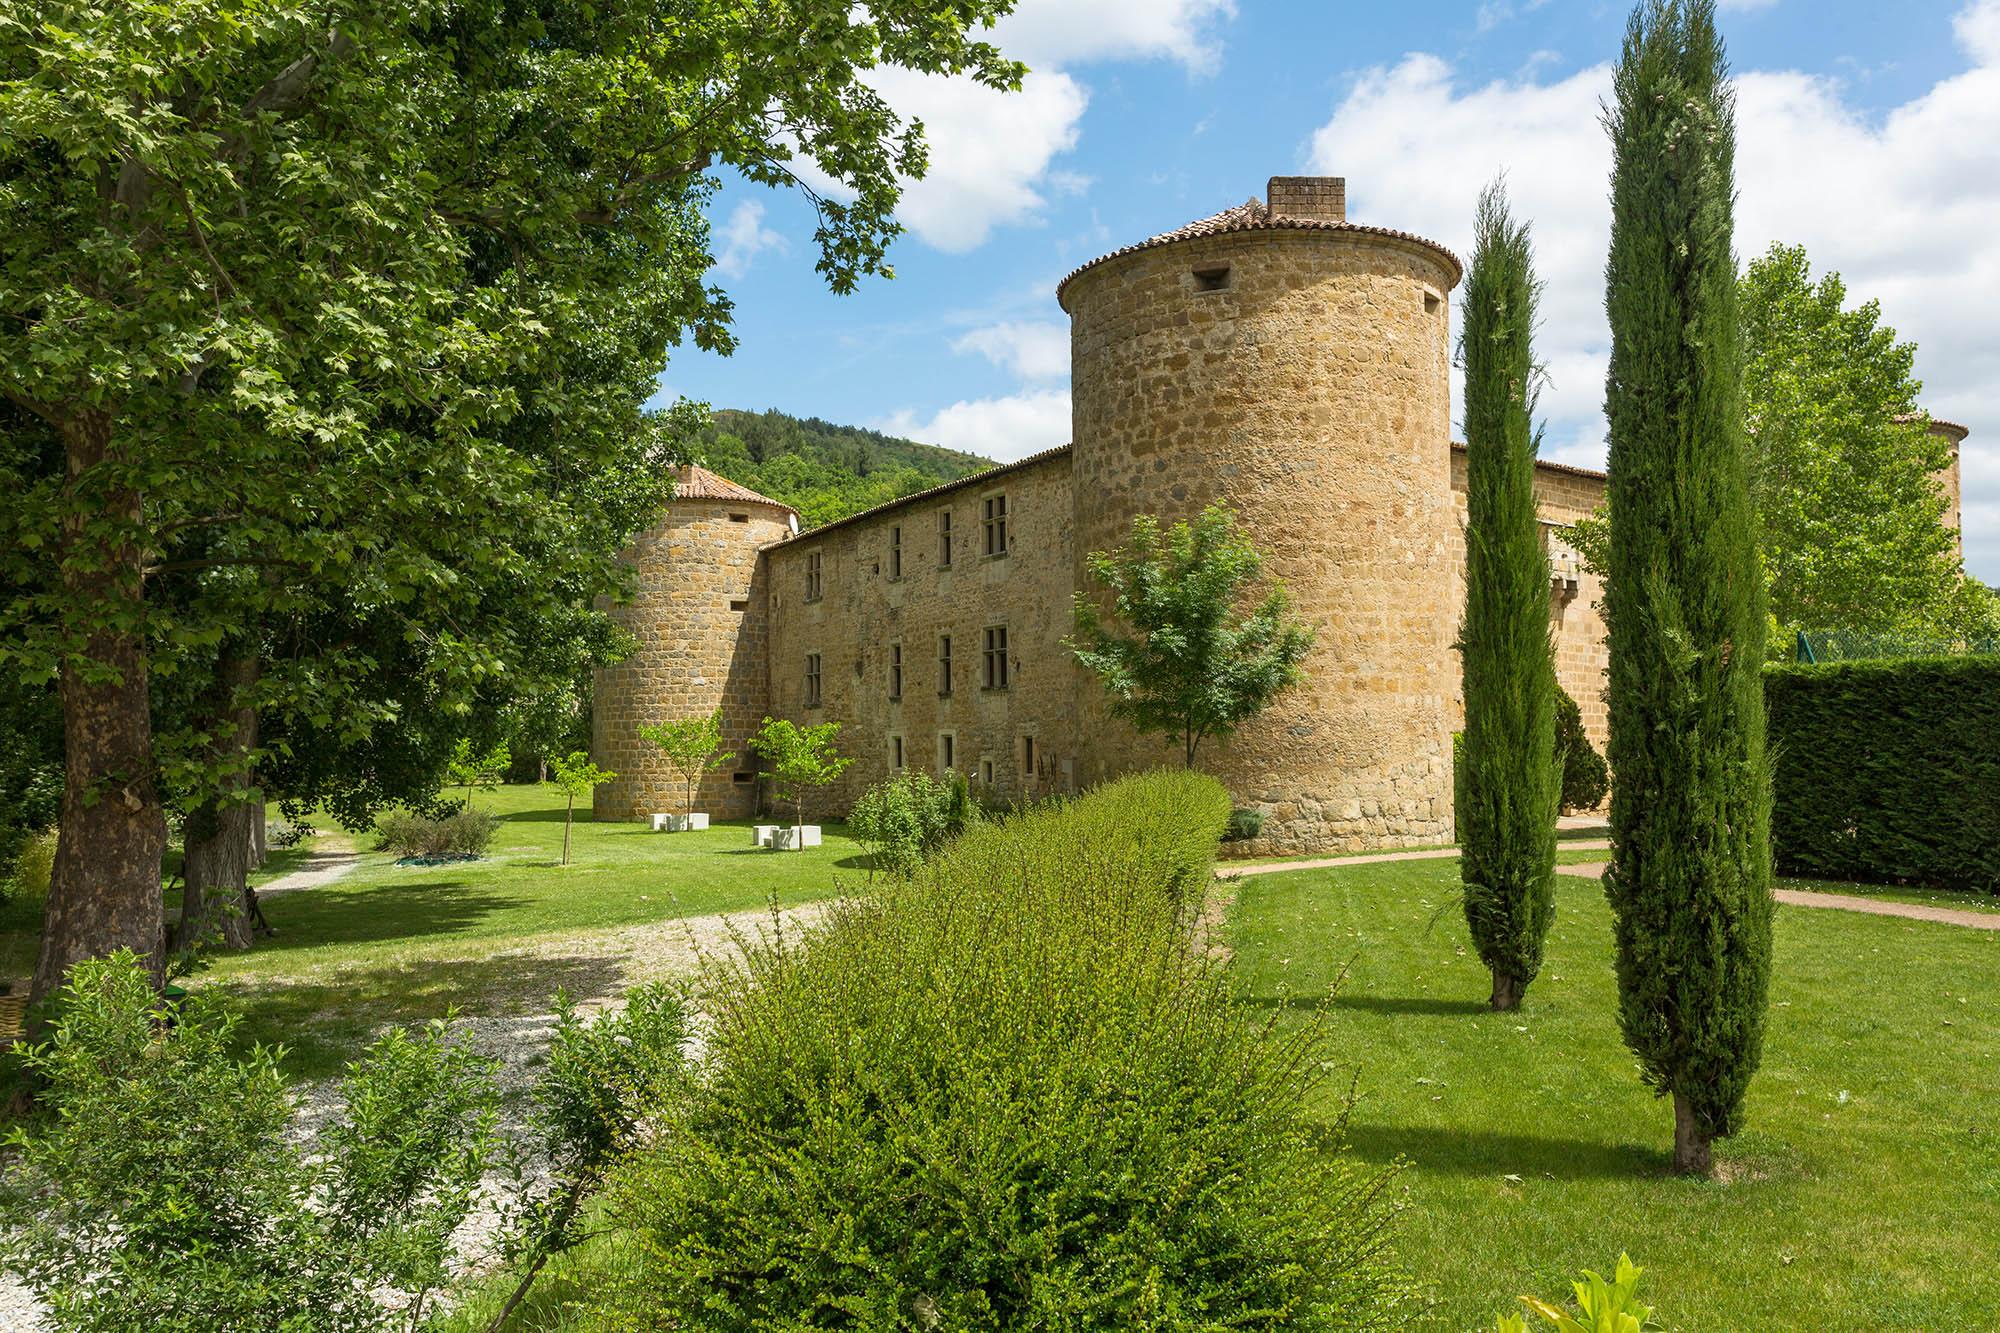 Au milieu d'un belle verdure verte, se trouve le Château des Ducs de Joyeuses. La photo à été prise de profil au loin